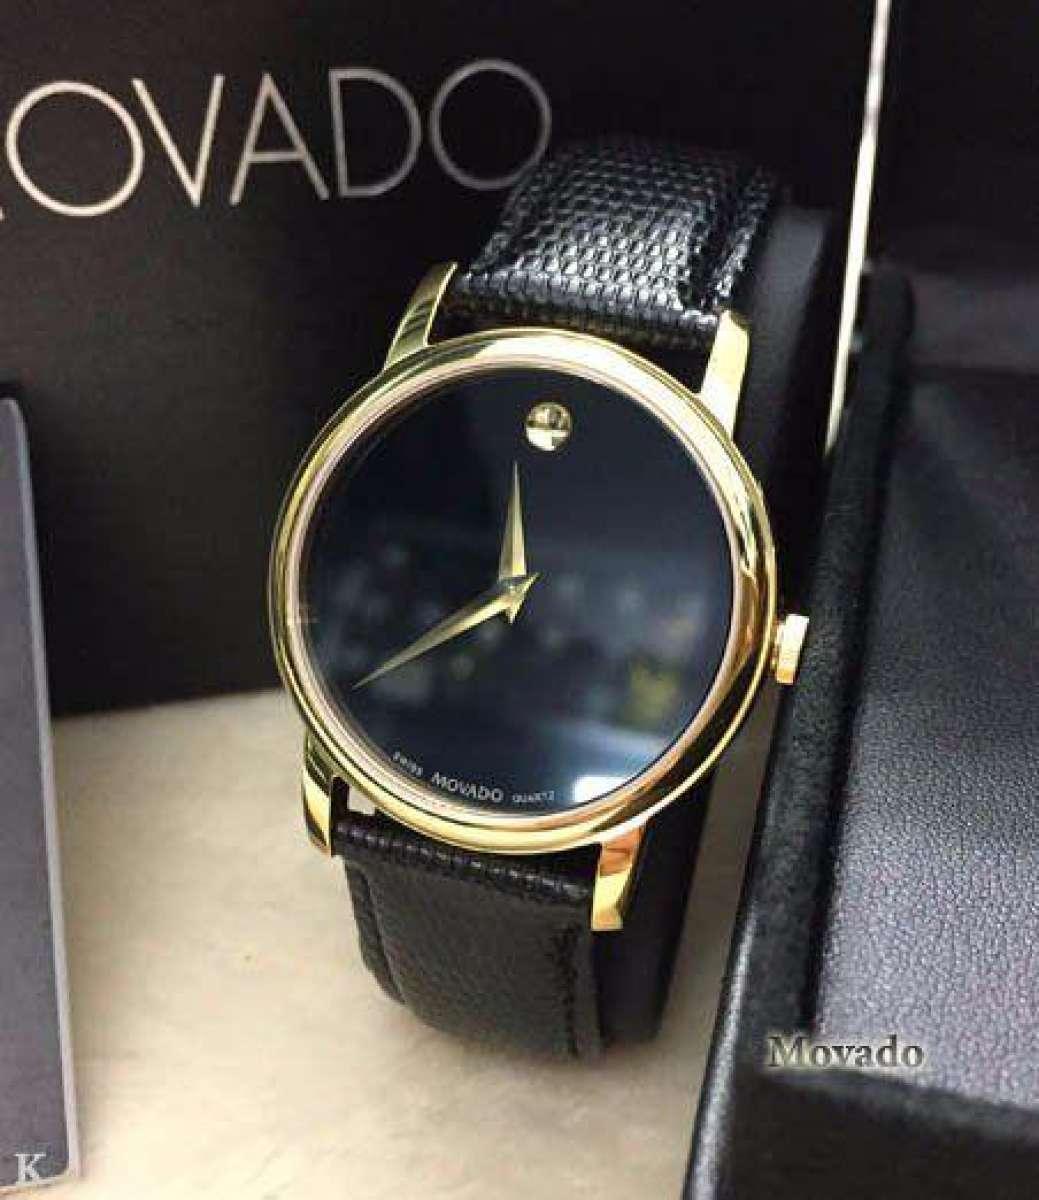 Nơi bán (Locdongho Sỉ & Lẻ, Rado, Longbo) Đồng hồ NAM MO05 vàng, mặt kính Saphire, chống nước 3M, Vỏ đồng hồ thép không gỉ, Bảo hành 6 tháng, tặng 2 pin thay thế MOVADO.SAPHIRE